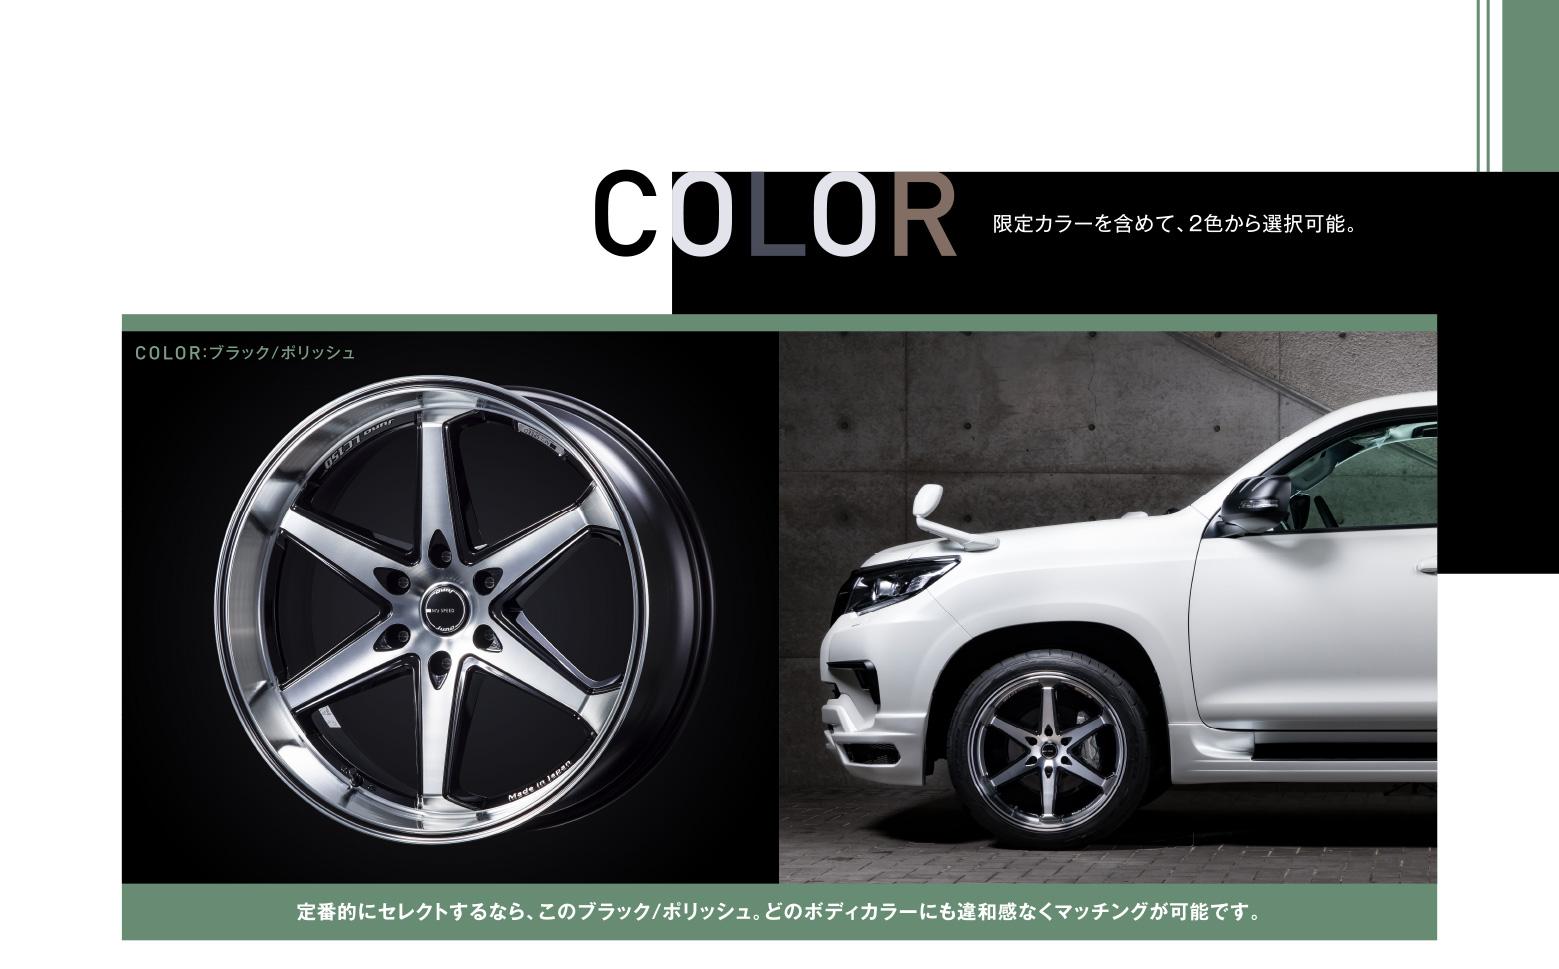 COLOR 限定カラーを含めて、2色から選択可能。COLOR:ブラック/ポリッシュ 定番的にセレクトするなら、このブラック/ポリッシュ。どのボディカラーにも違和感なくマッチングが可能です。